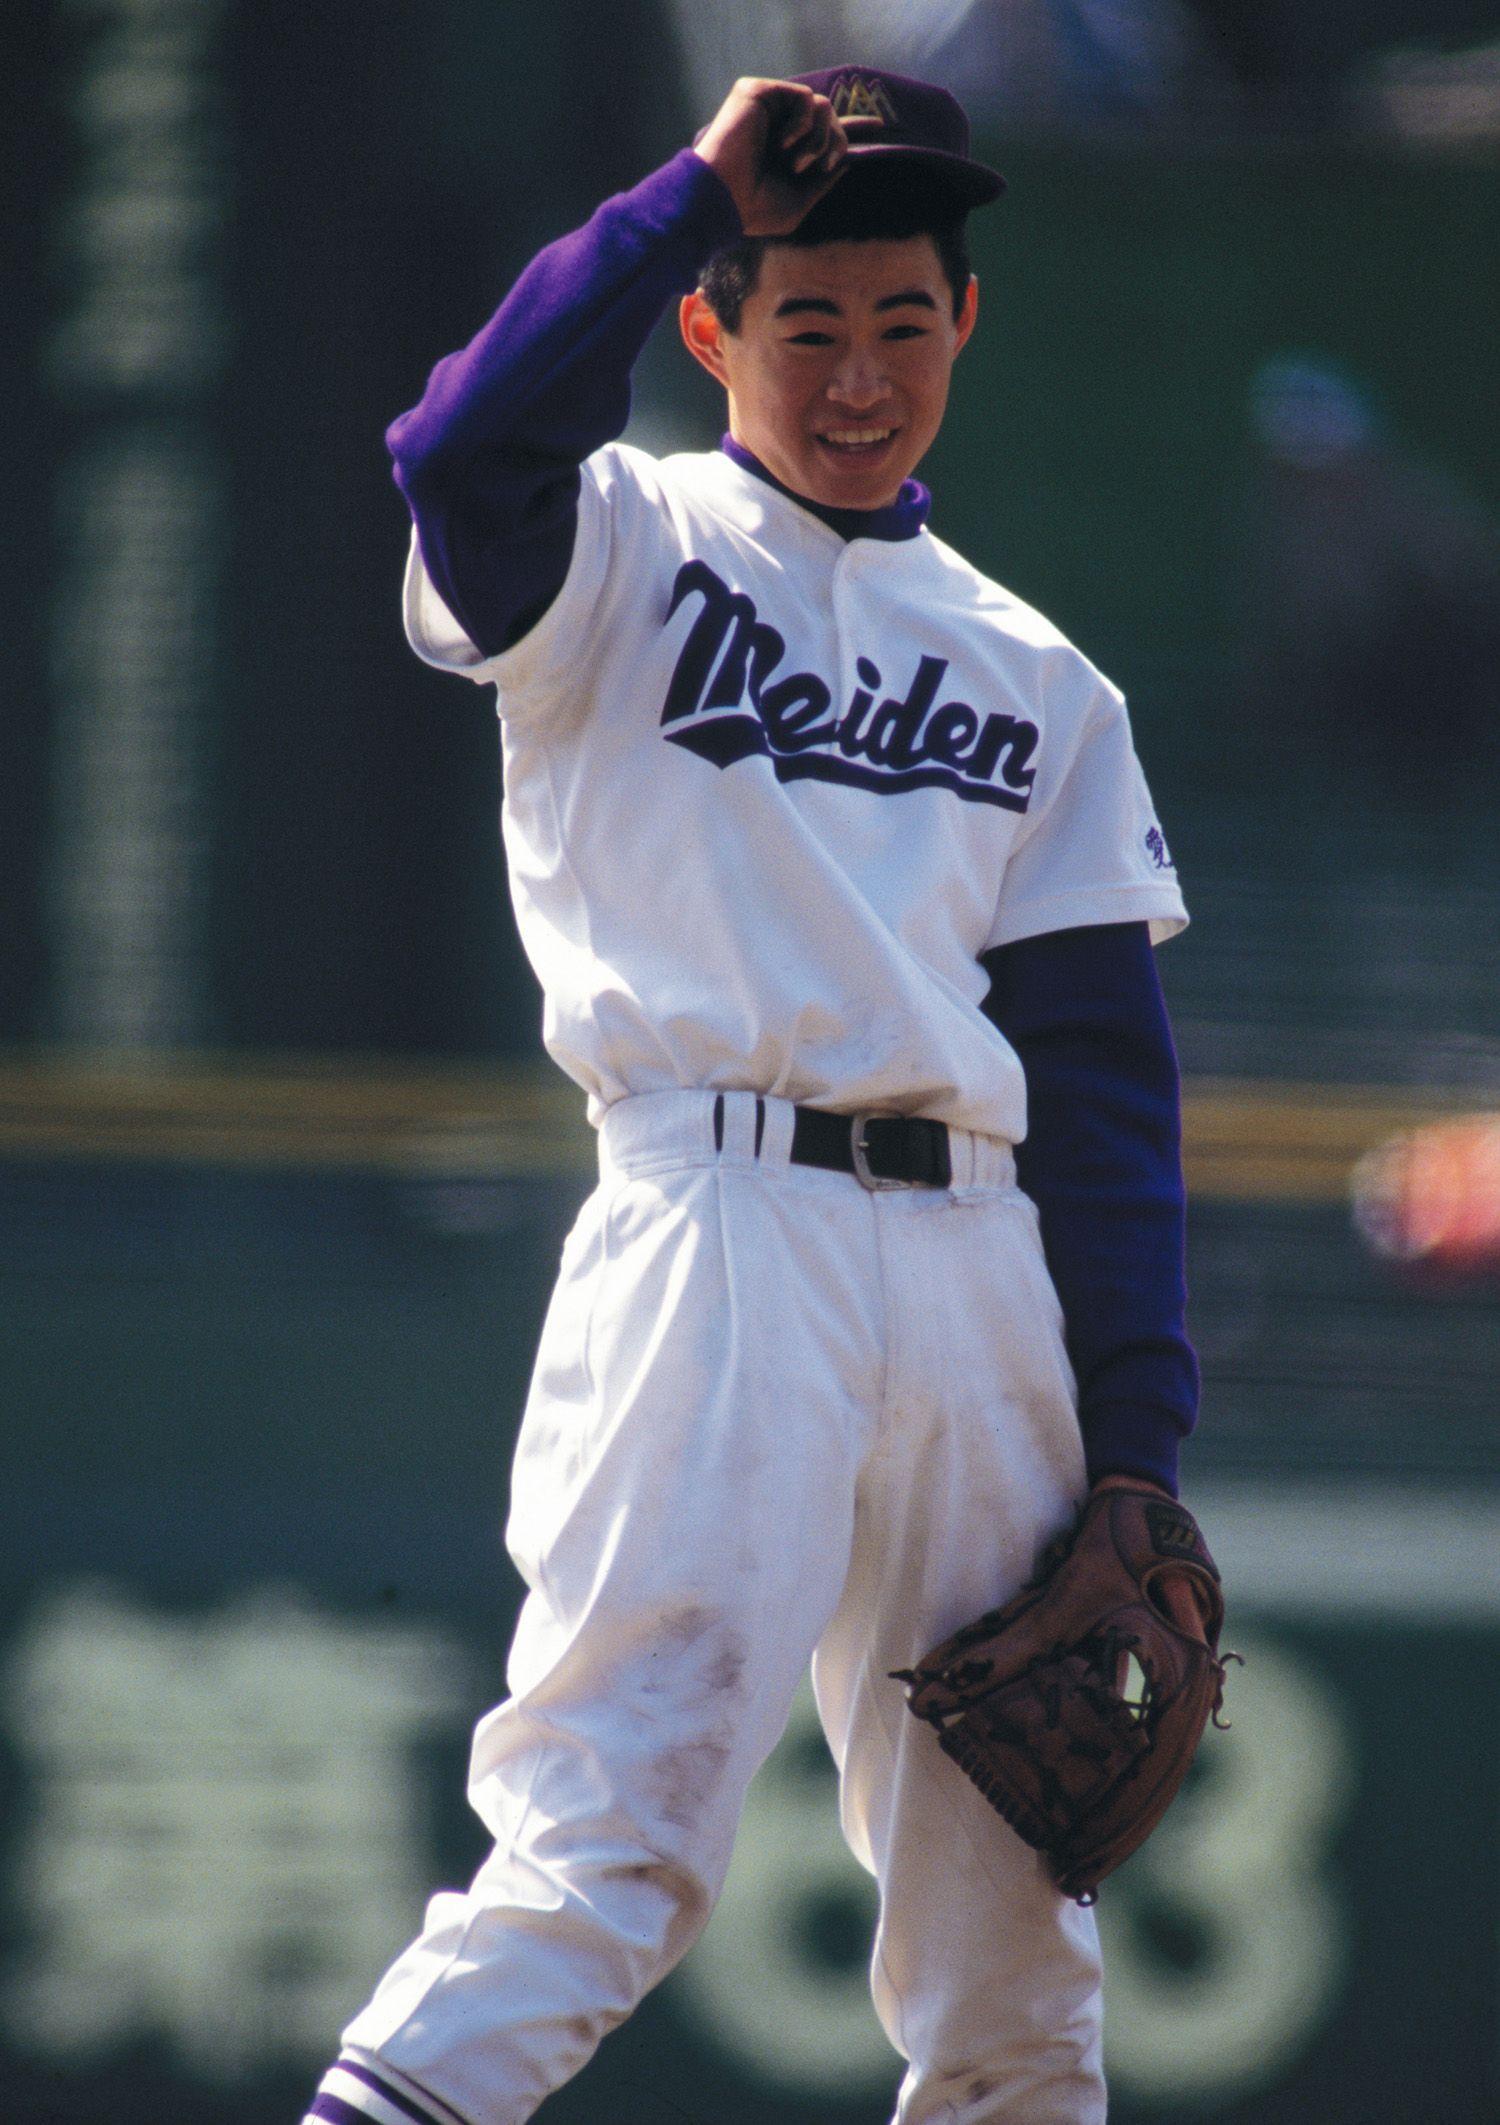 翌年のセンバツには投手として登板した ©AFLO